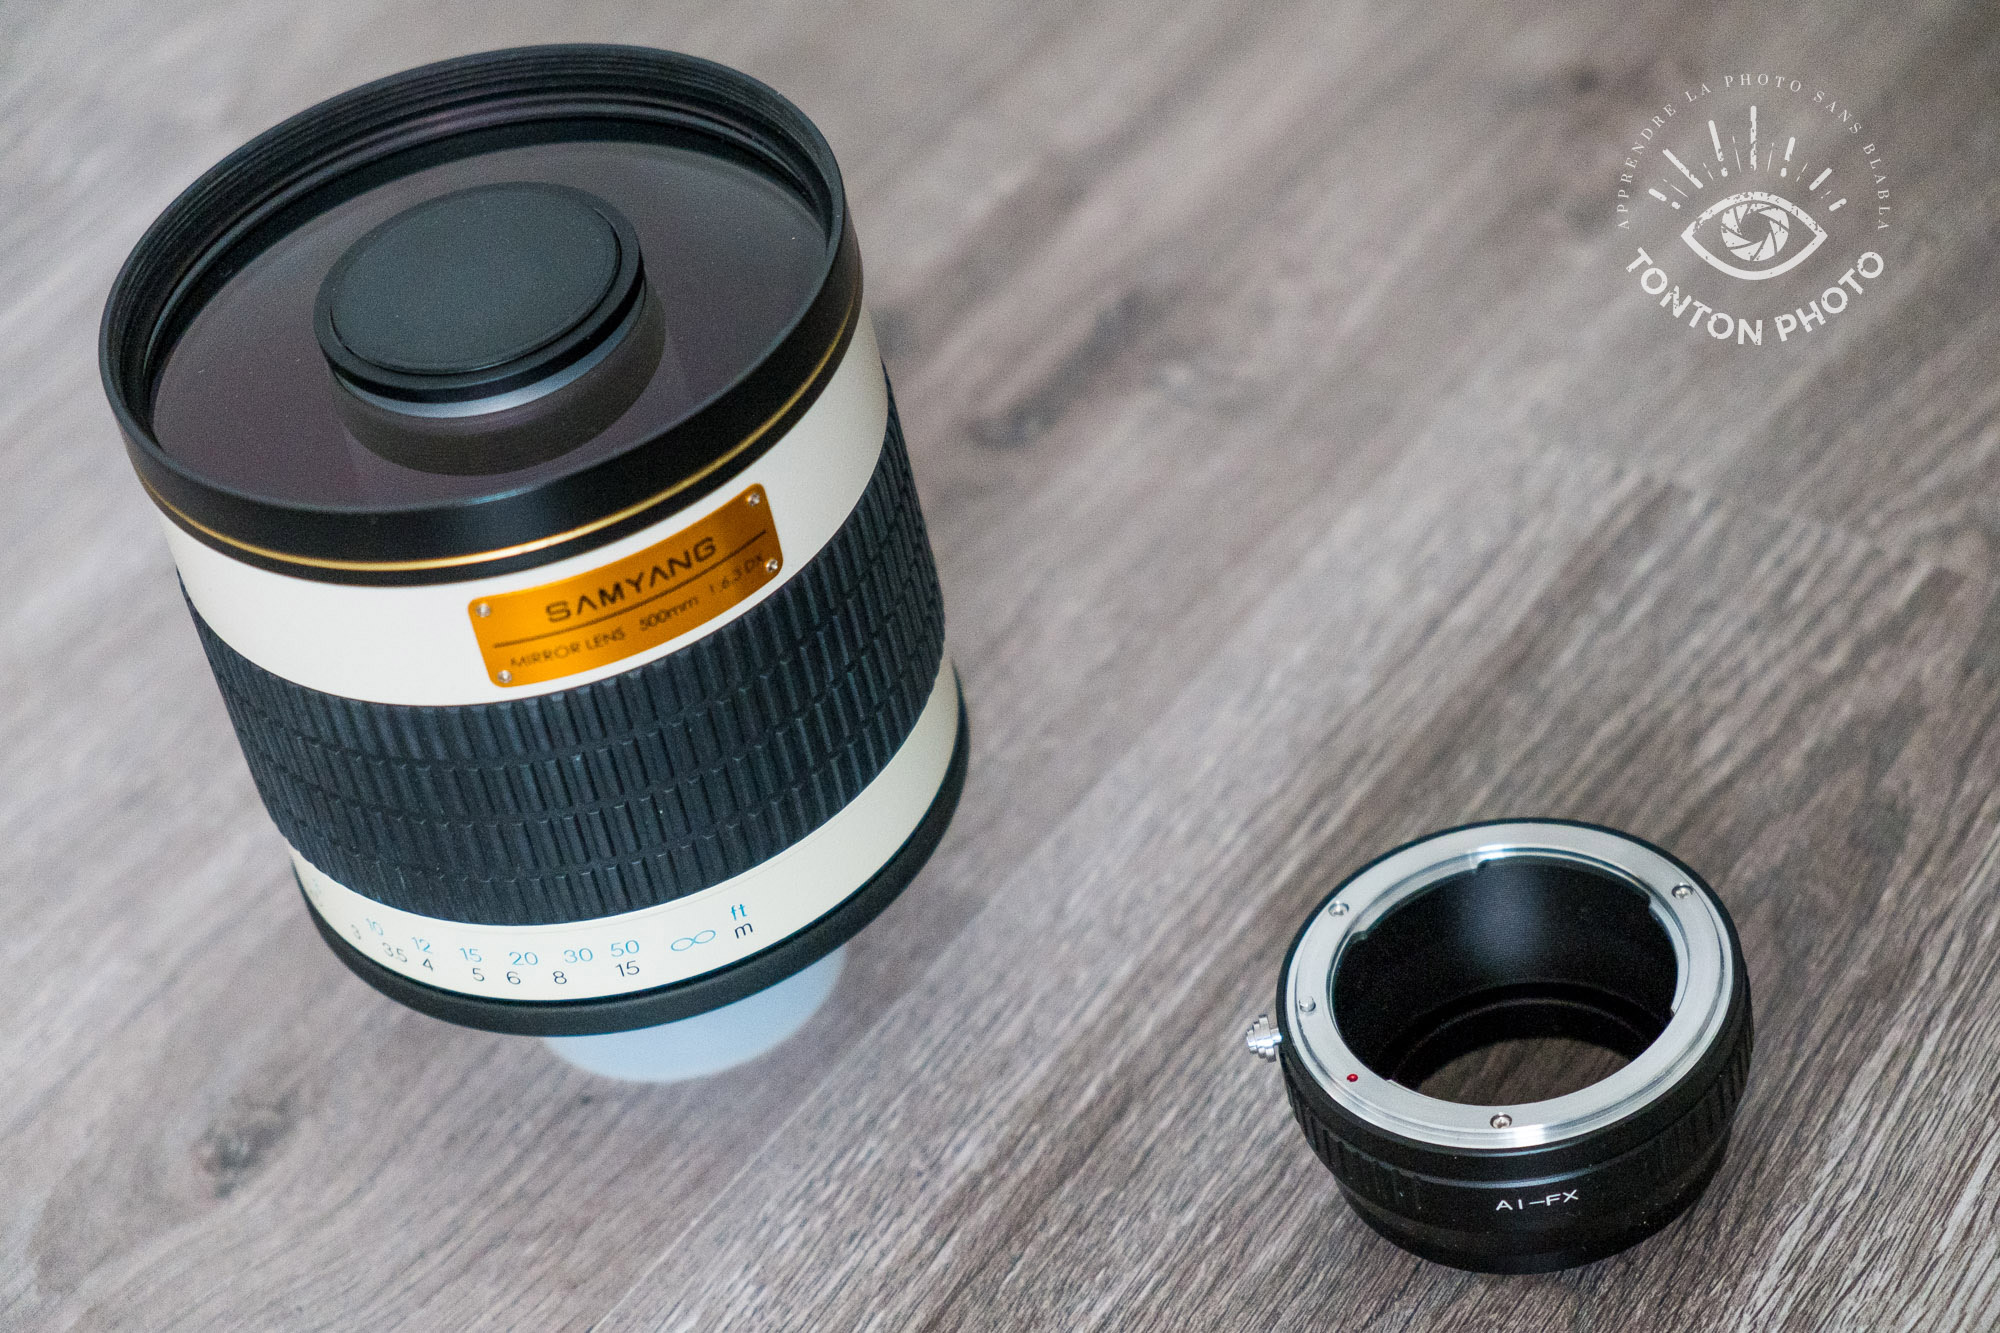 Bague d'adaptation Fuji-Nikon pour utiliser le télé-objectif Samyang 500mm f/6.3 MC IF pour Nikon sur un Fuji X-E1 © Tonton Photo